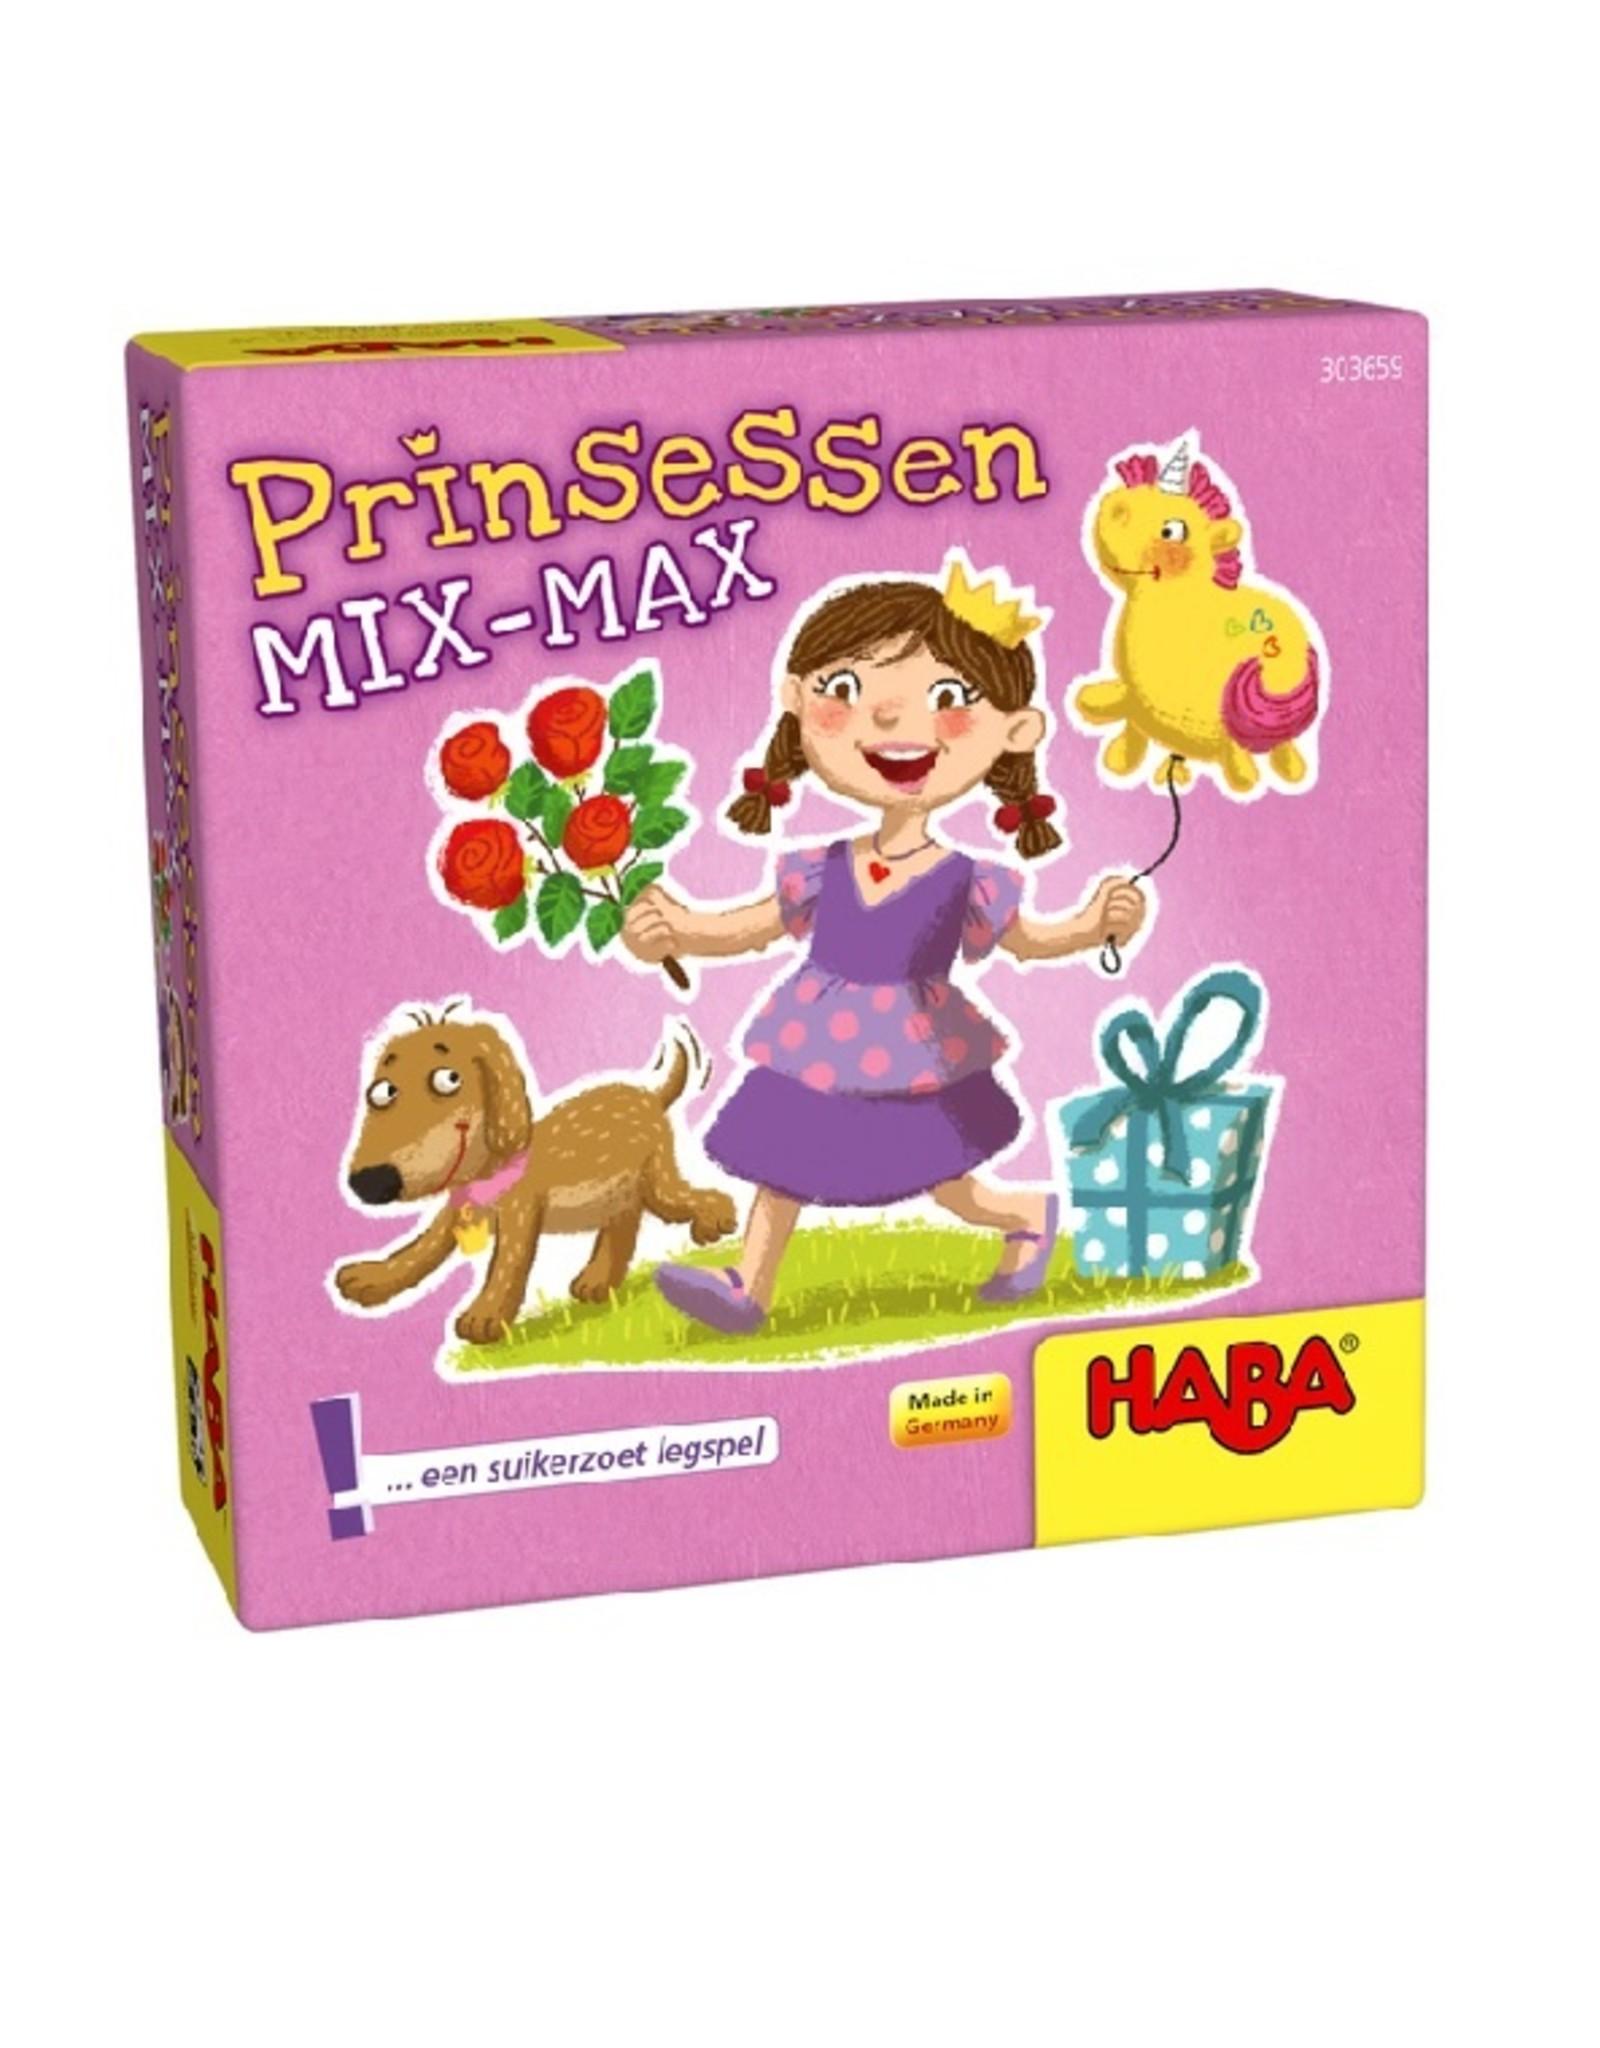 Haba Prinsessen MIX-MAX 303659